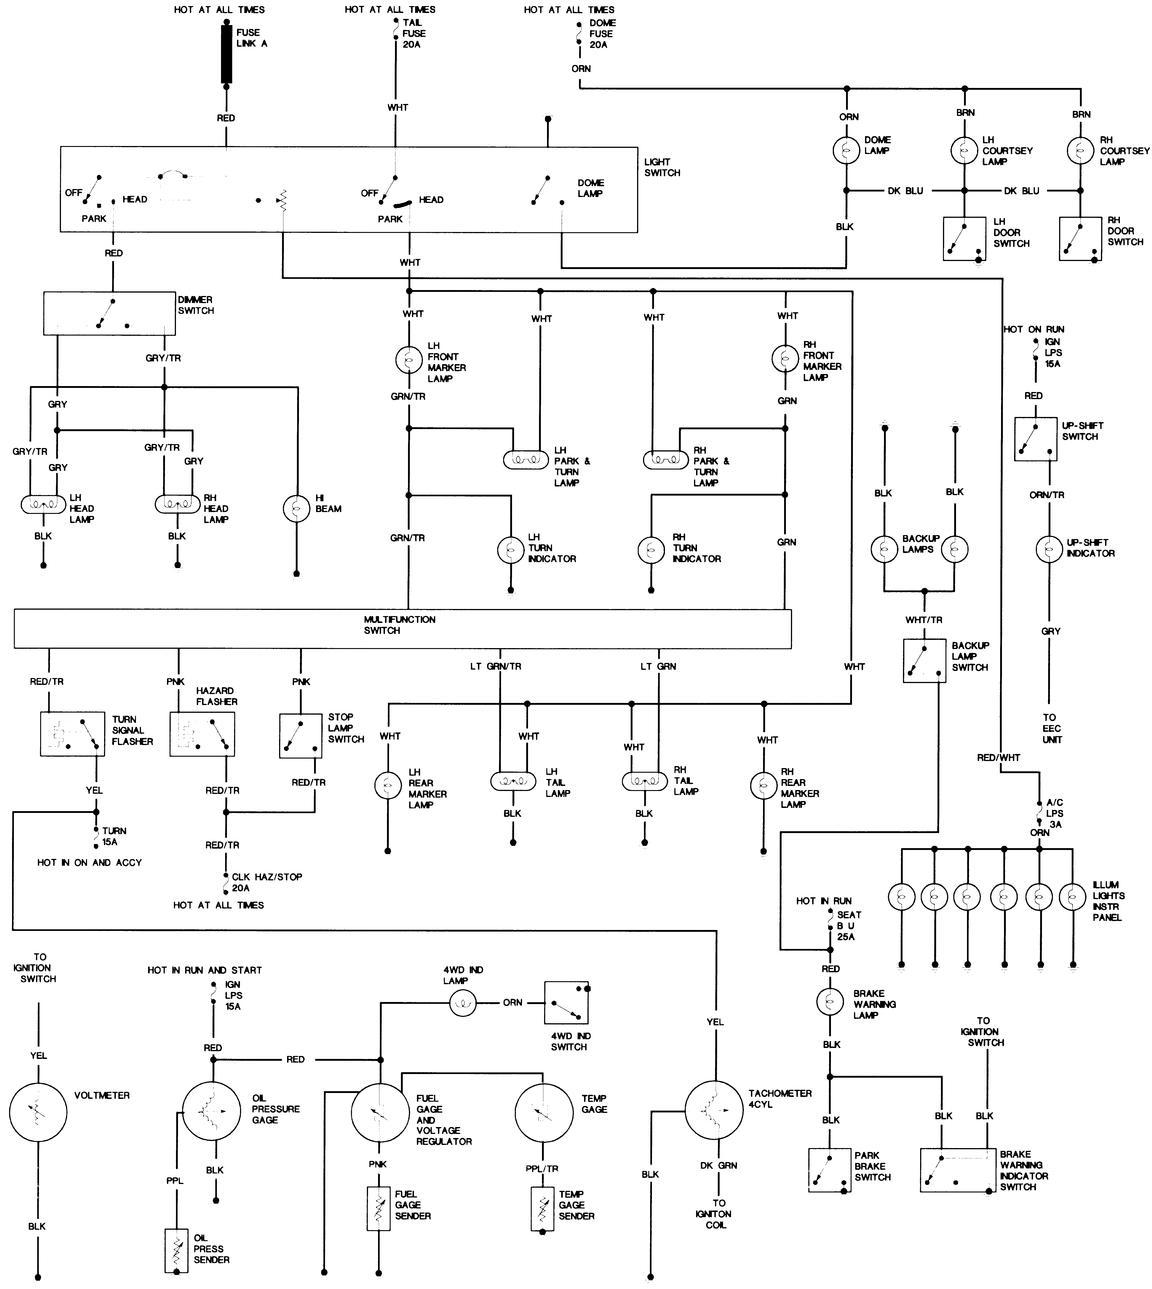 1985 jeep j10 wiring schematics